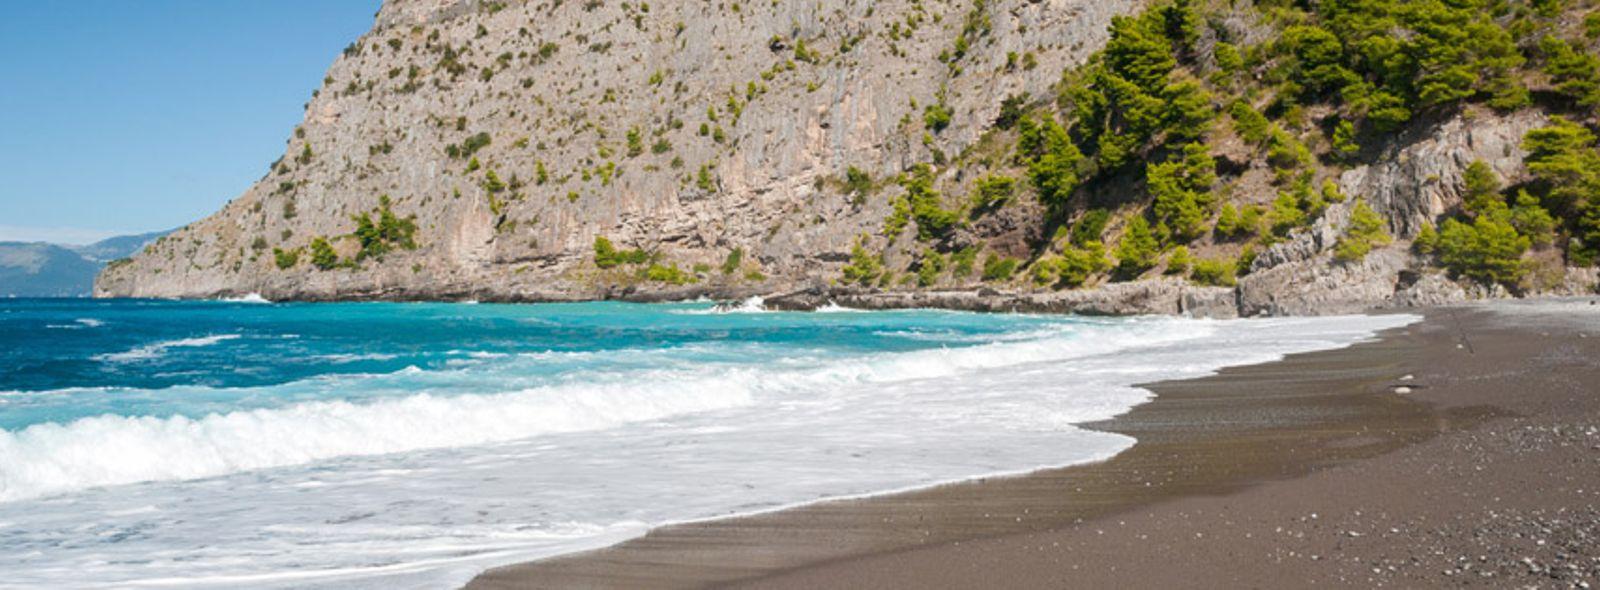 Le spiagge più belle della Basilicata